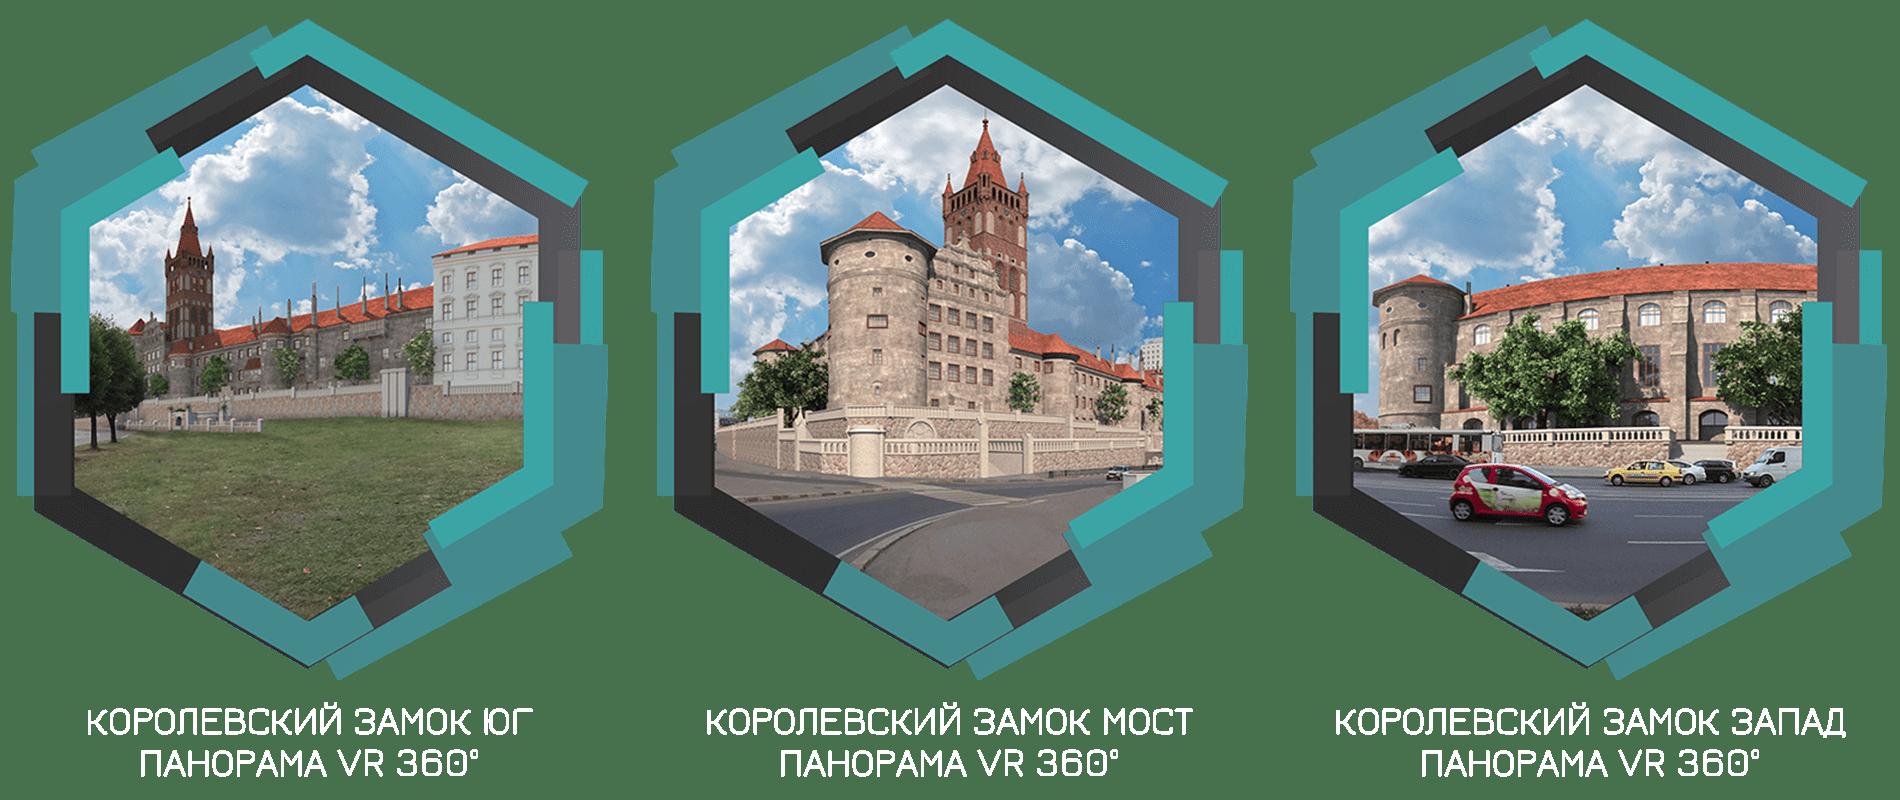 КОРОЛЕВСКИЙ ЗАМОК ЭКСКУРСИЯ